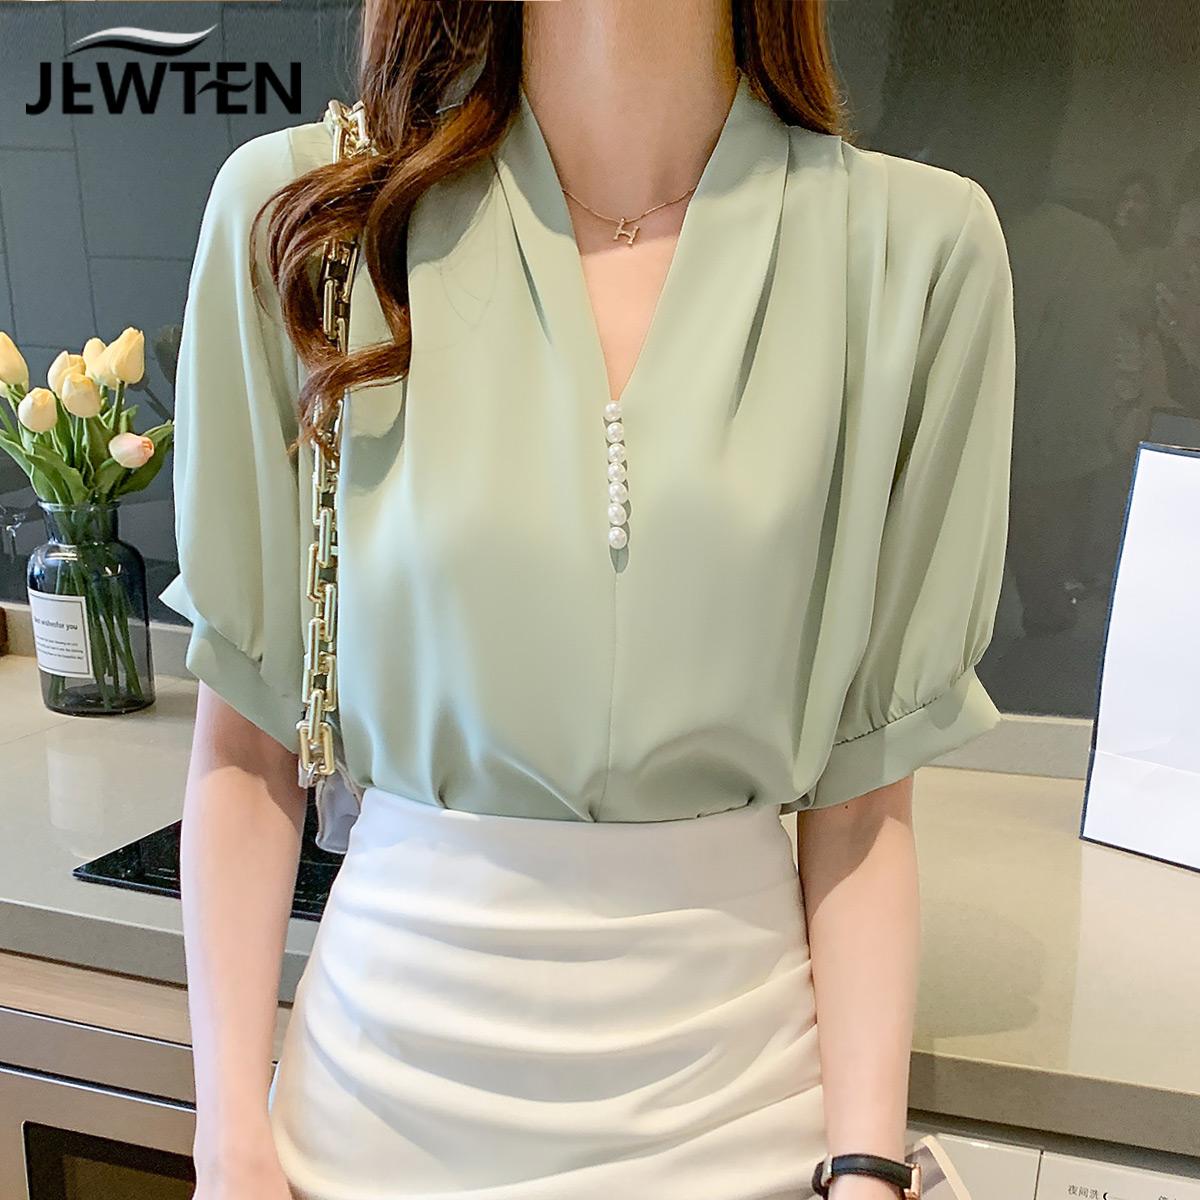 女士短袖雪纺衬衫女装夏装2021年新款上衣设计感小众夏季薄款衬衣